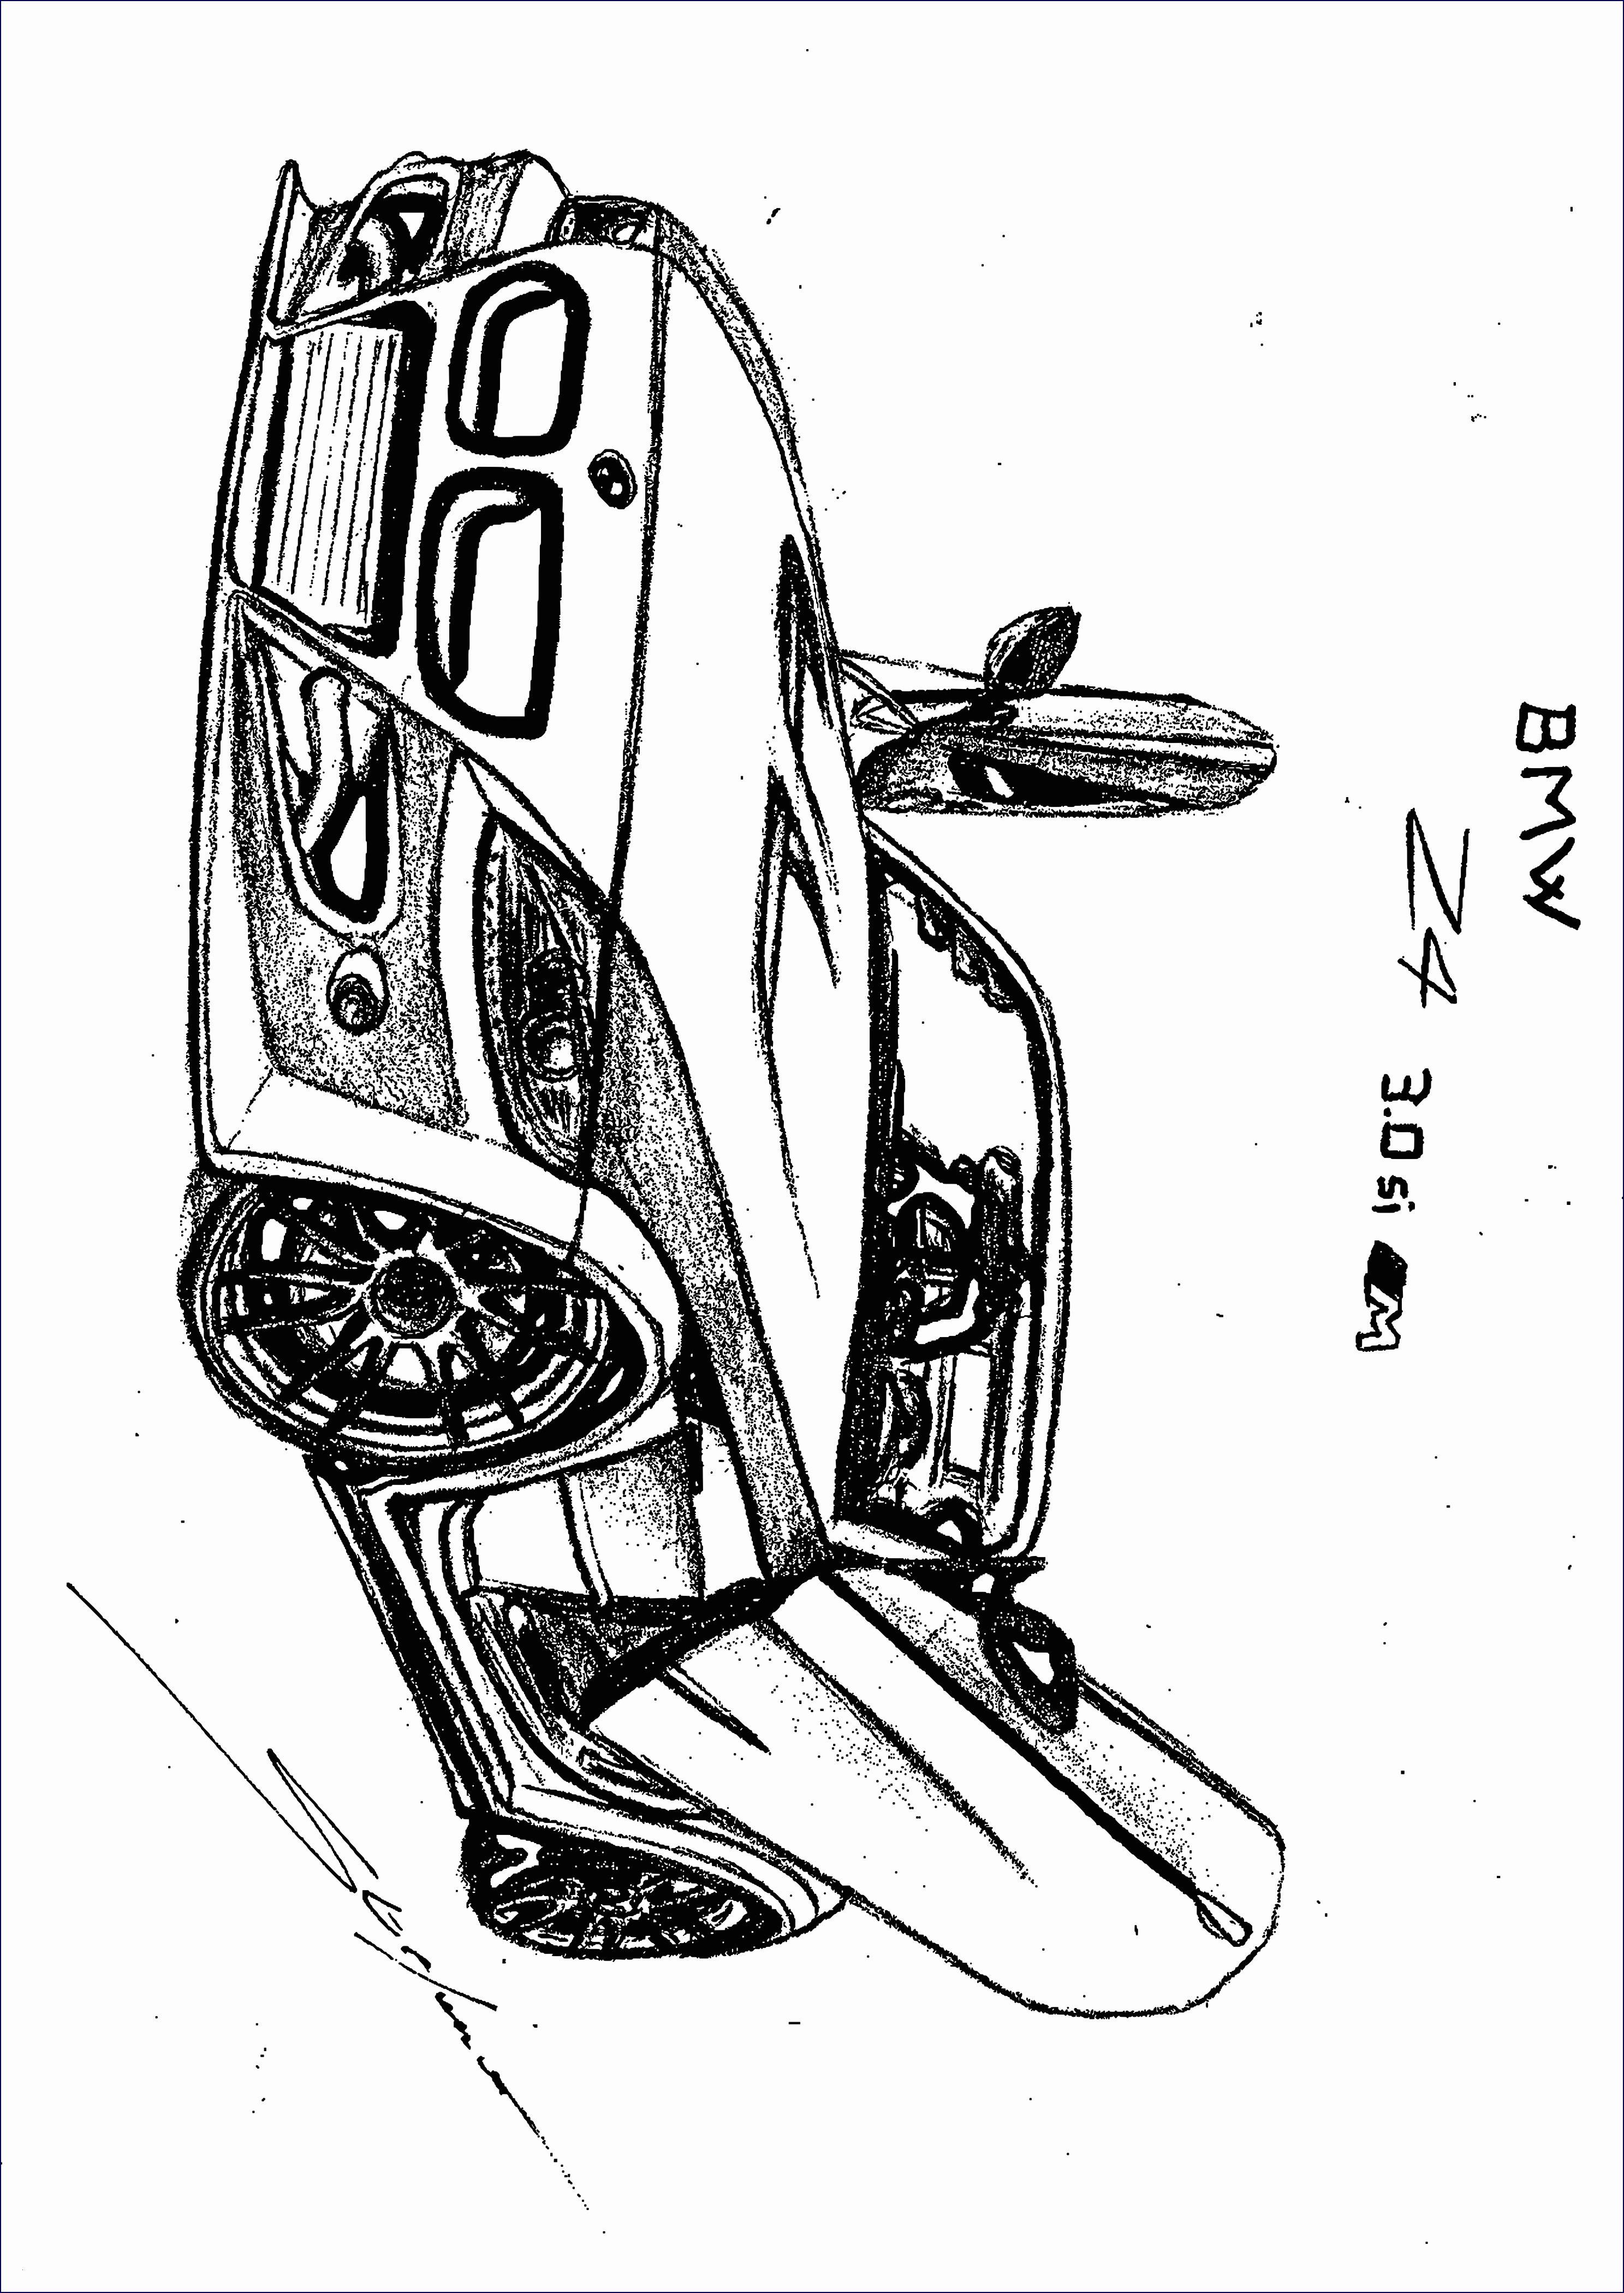 Lightning Mcqueen Ausmalbilder Das Beste Von ford Mustang Ausmalbilder Luxus 1970 Bugatti Luxury Bmw X5 3 0d 2003 Galerie